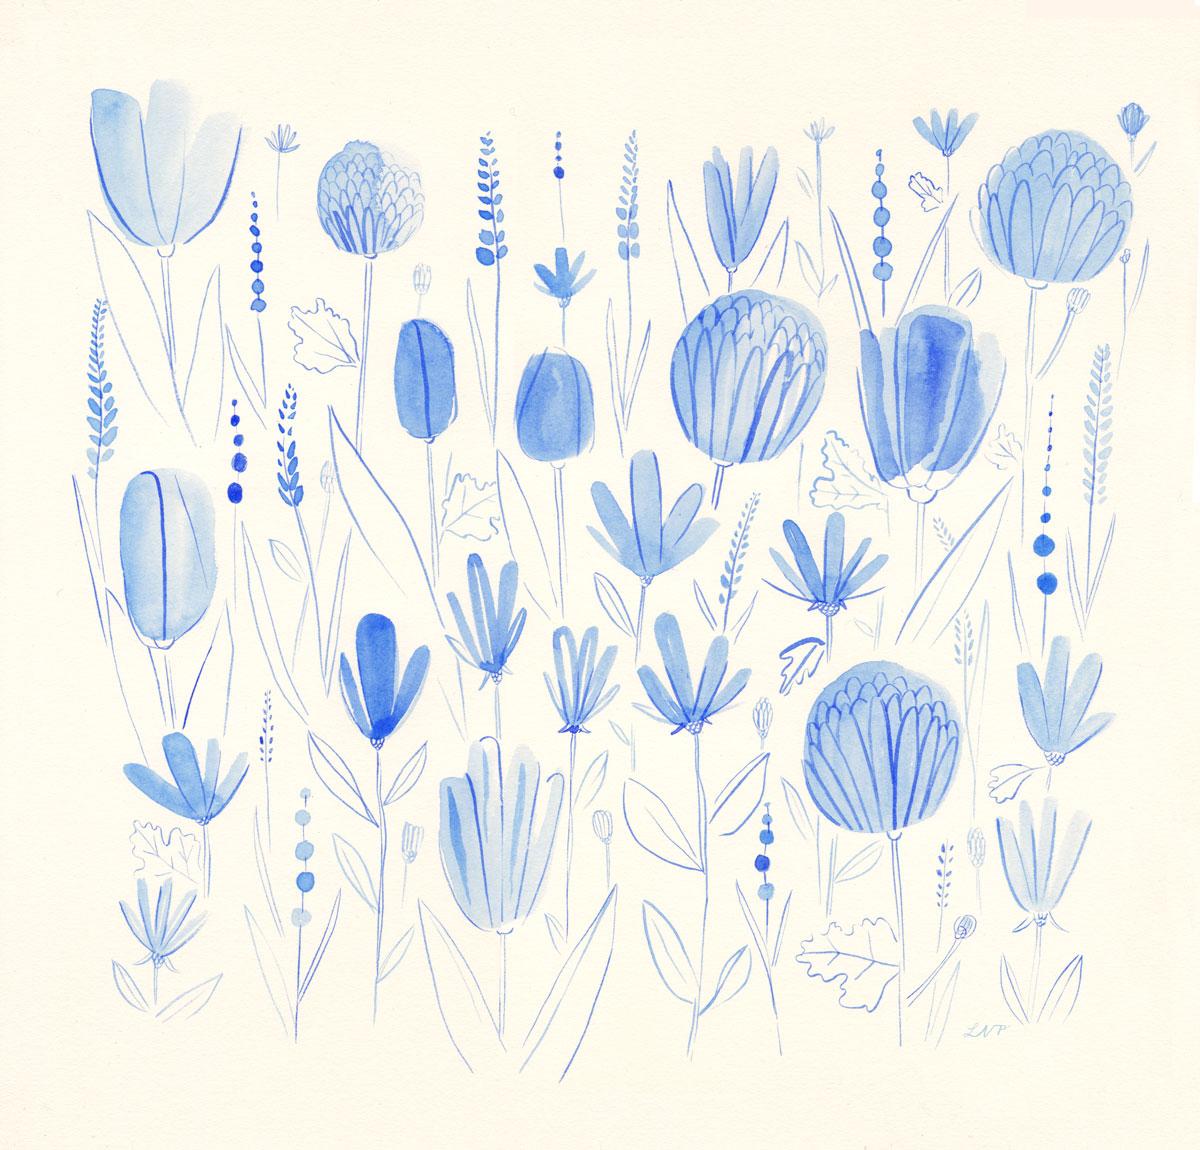 delftflowers_libbyvanderploeg.jpg